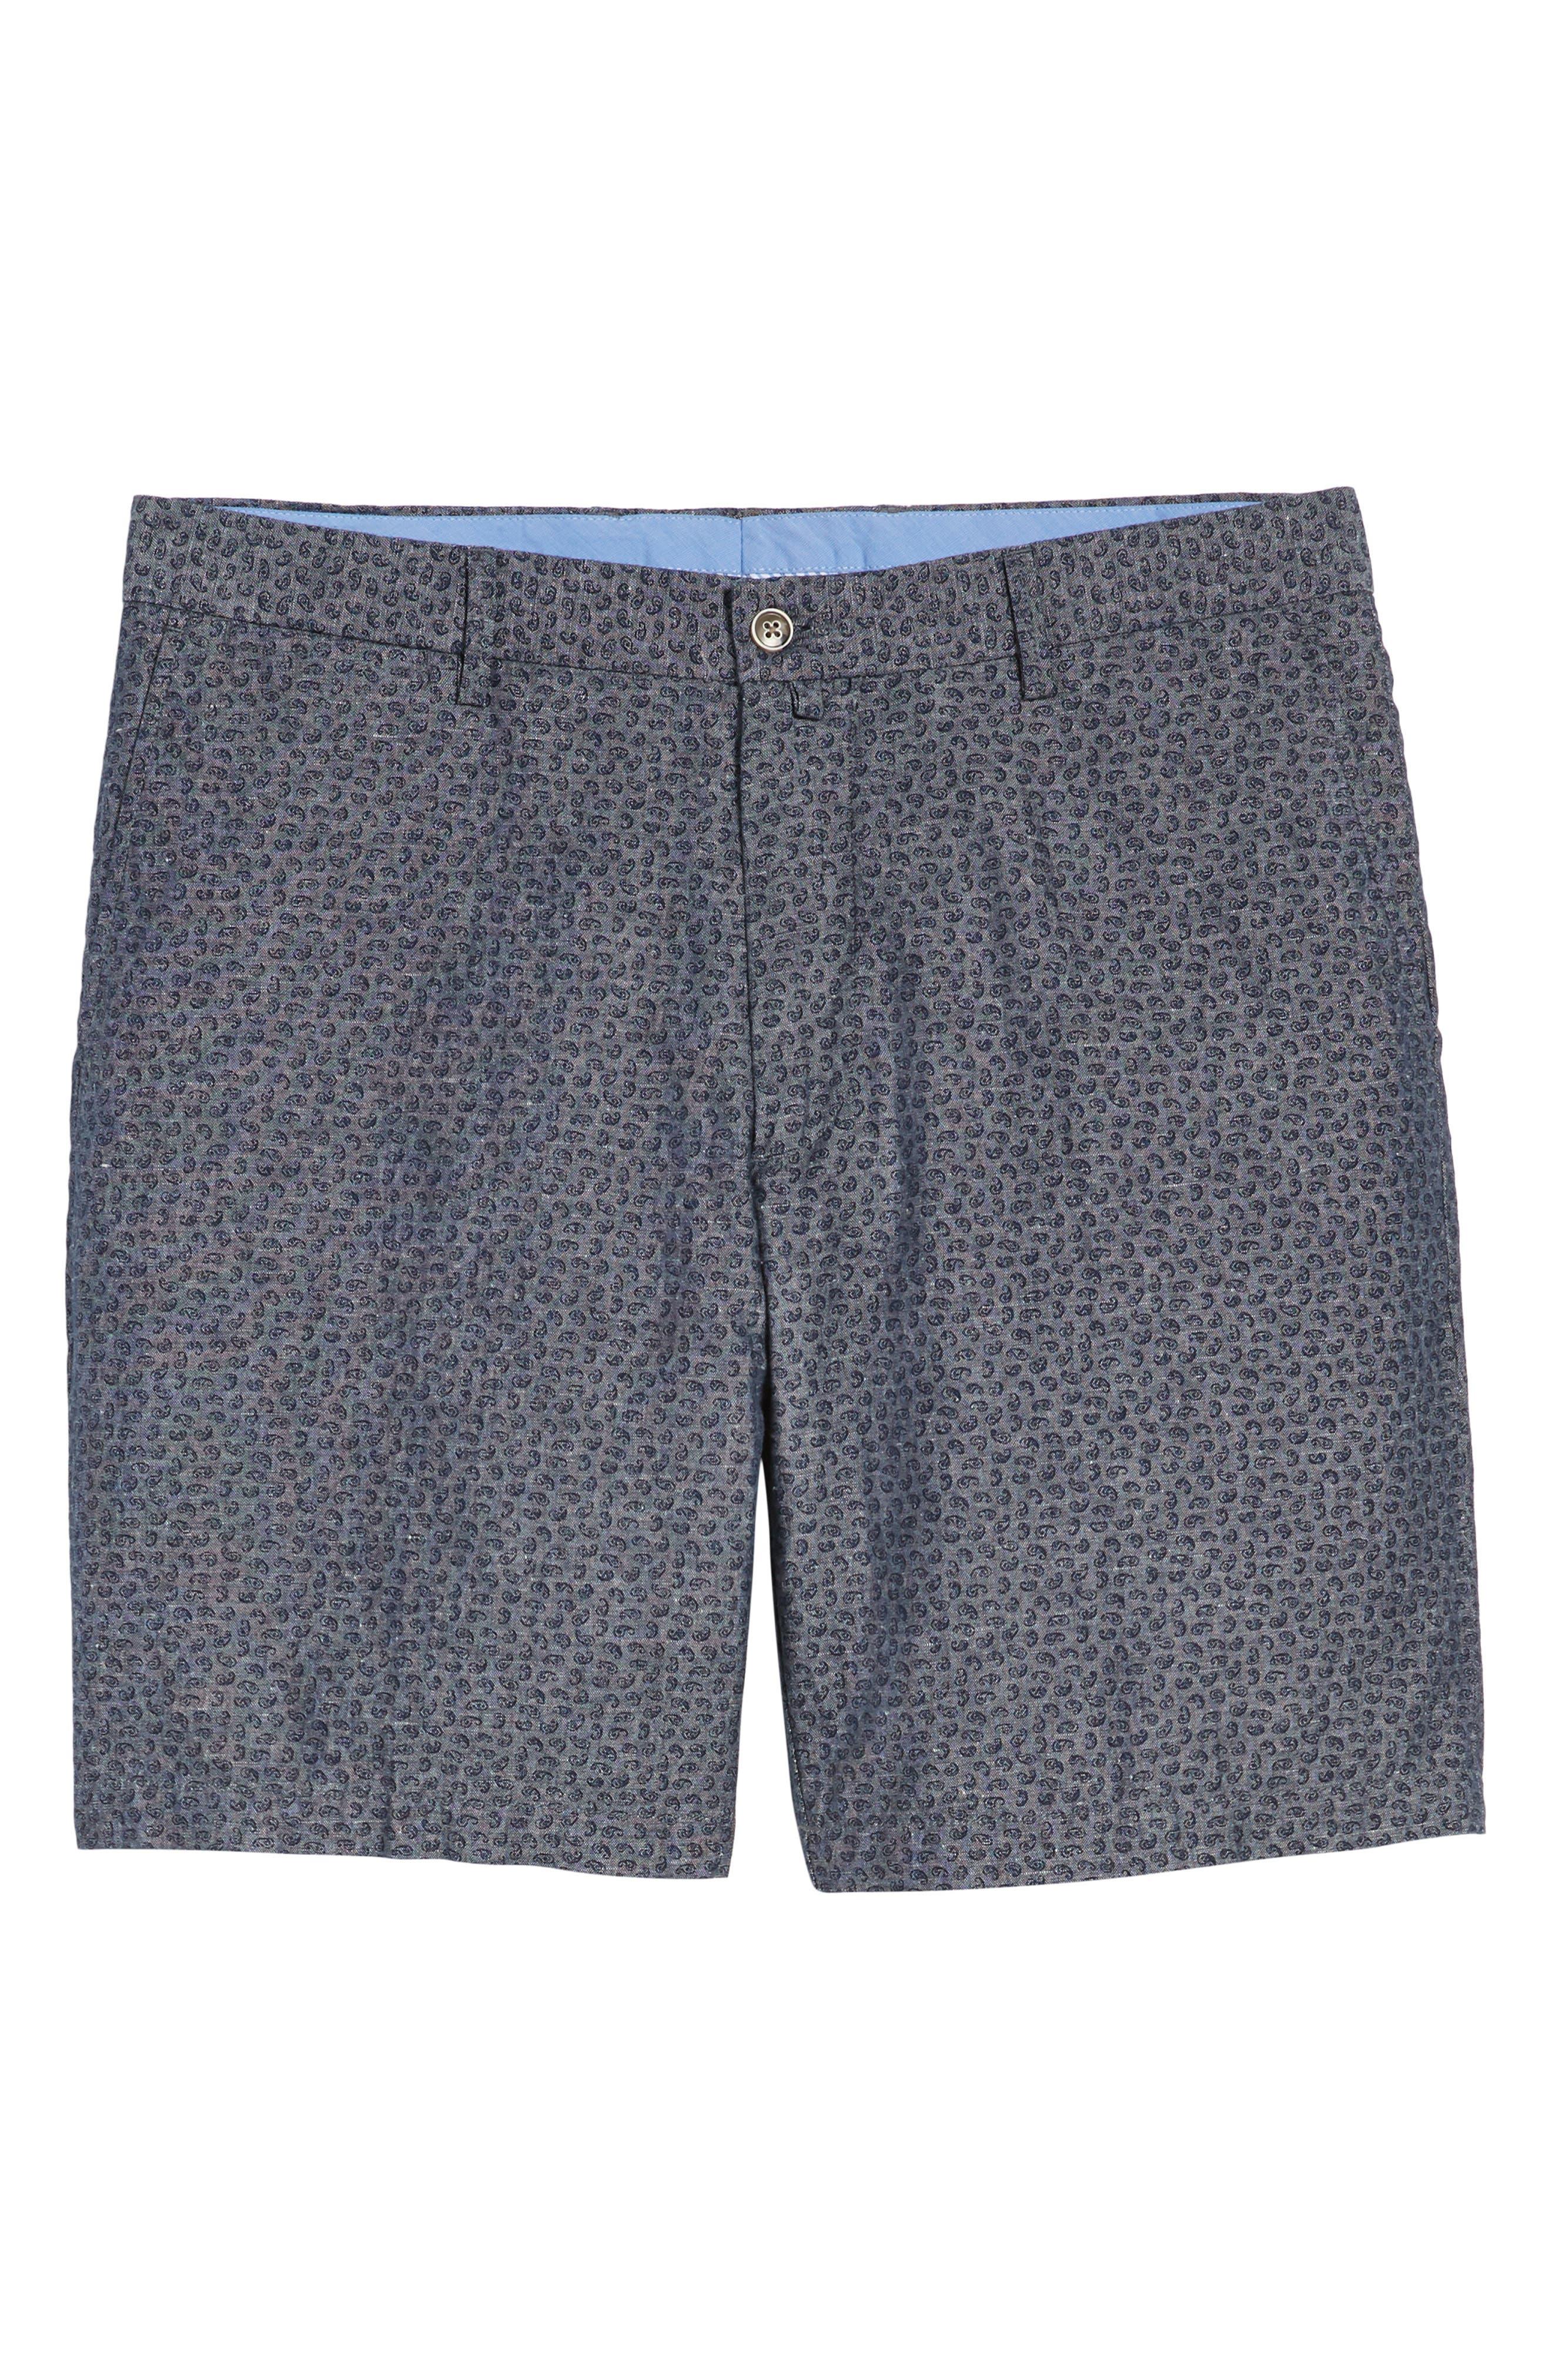 Paisley Chambray Flat Front Shorts,                             Alternate thumbnail 6, color,                             Dark Grey